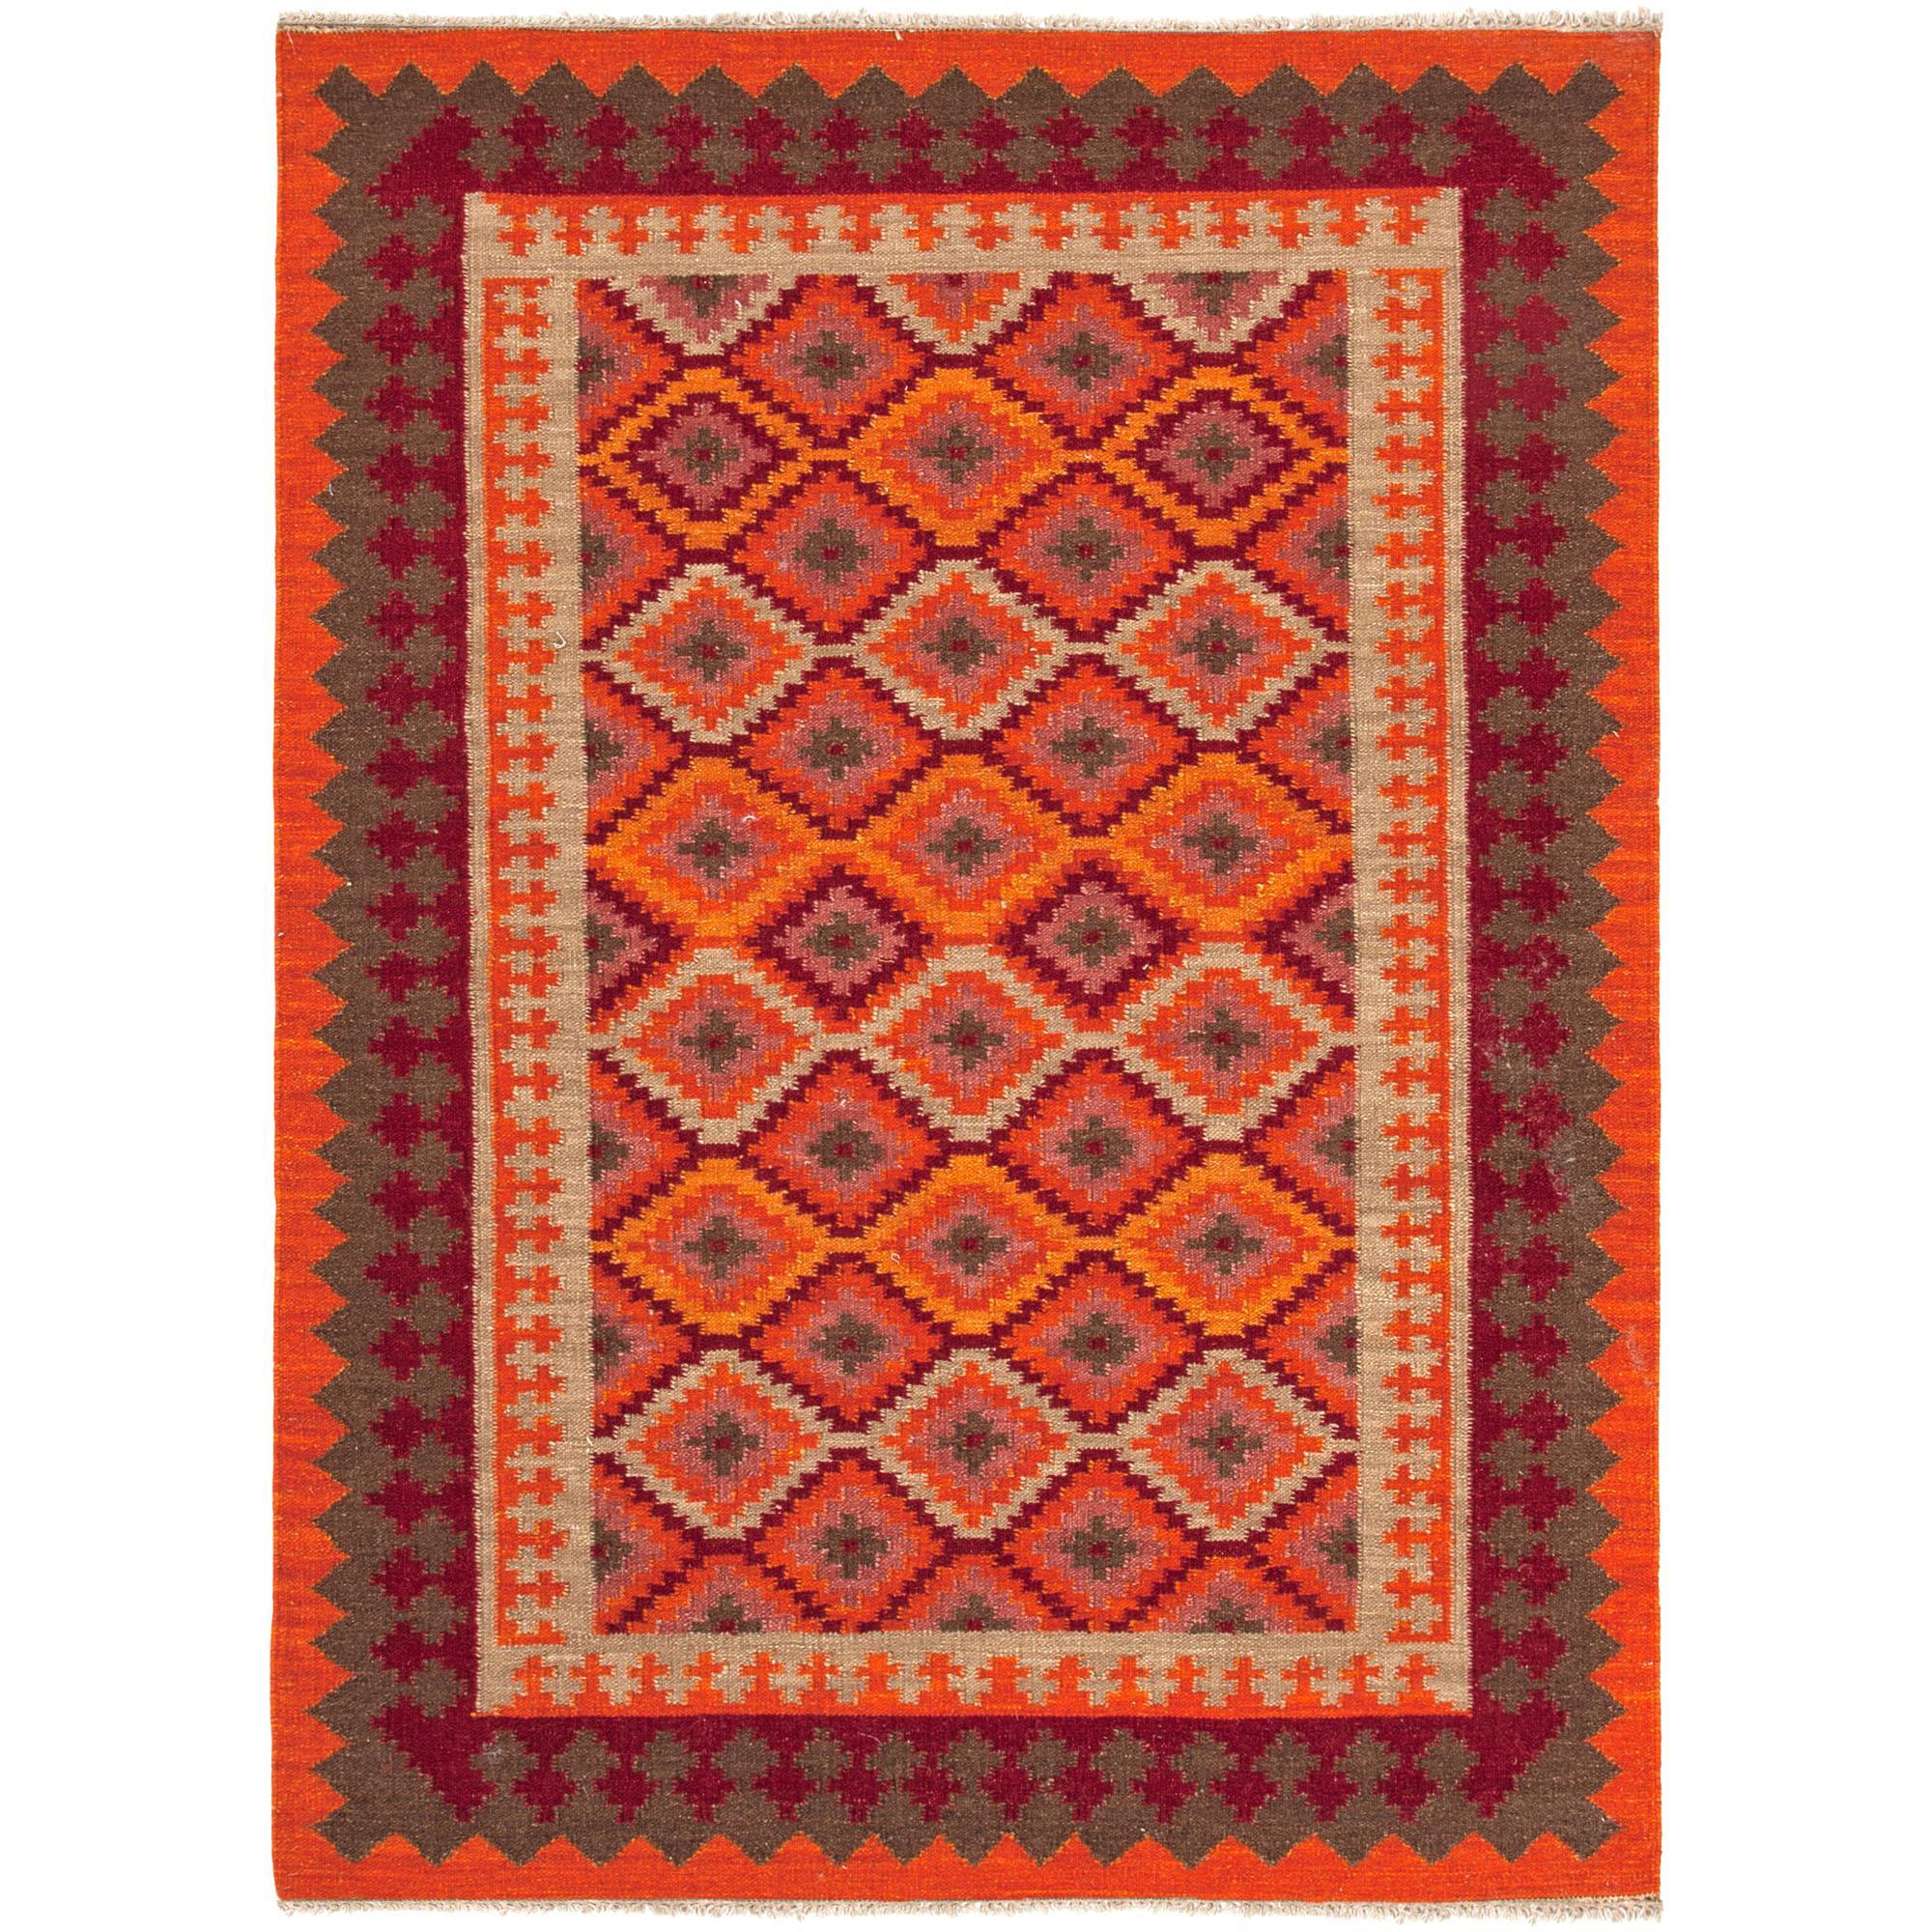 JAIPUR Rugs Anatolia 5 x 8 Rug - Item Number: RUG100194